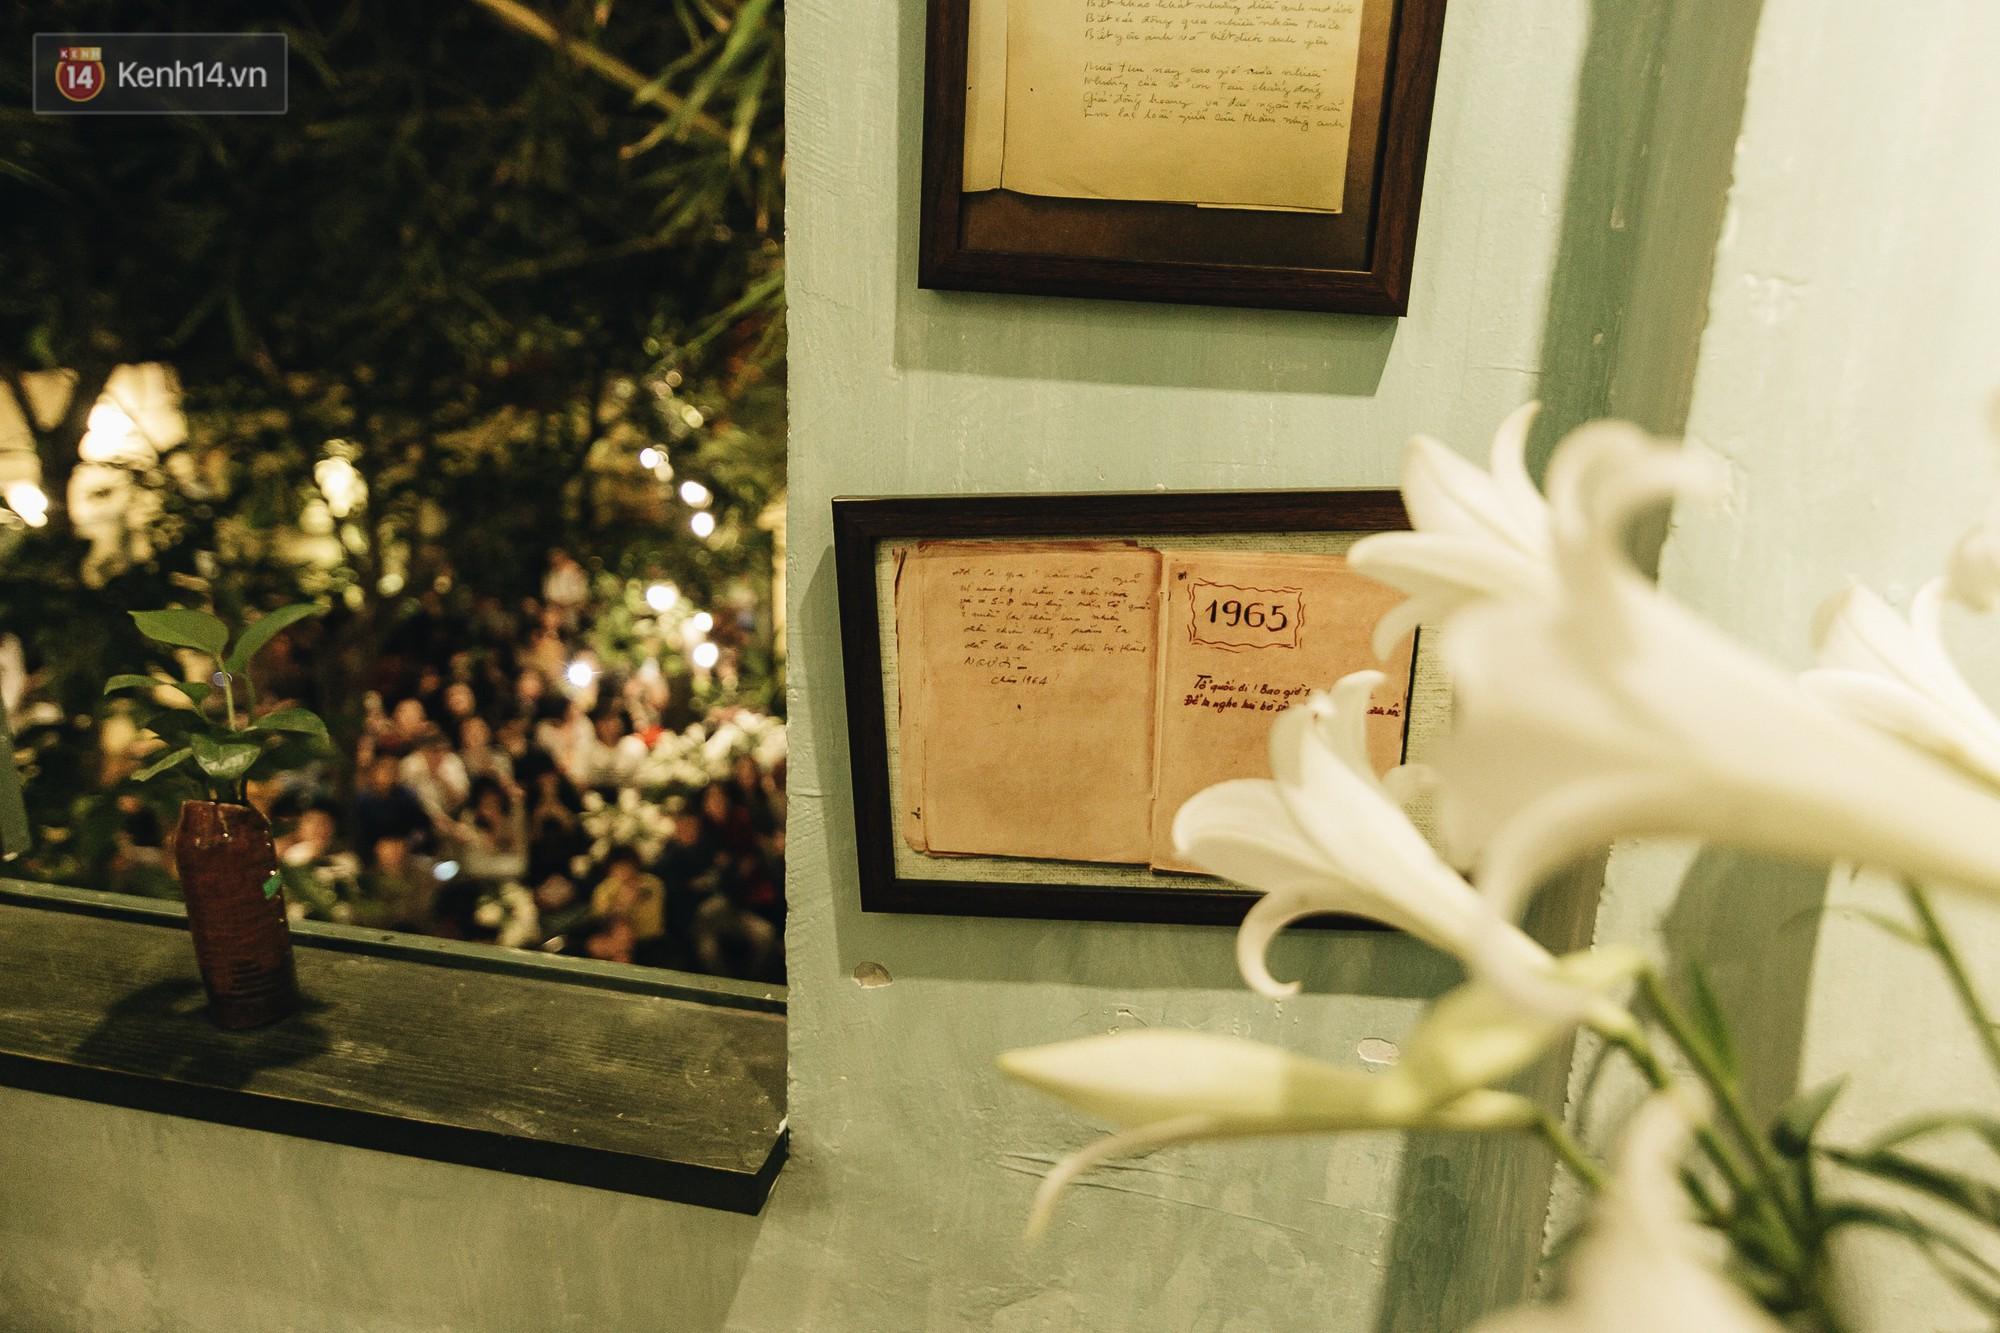 Chuyện về căn phòng 6m2 của vợ chồng Lưu Quang Vũ - Xuân Quỳnh và đêm thơ tưởng nhớ đầy cảm xúc ở Hà Nội - Ảnh 11.